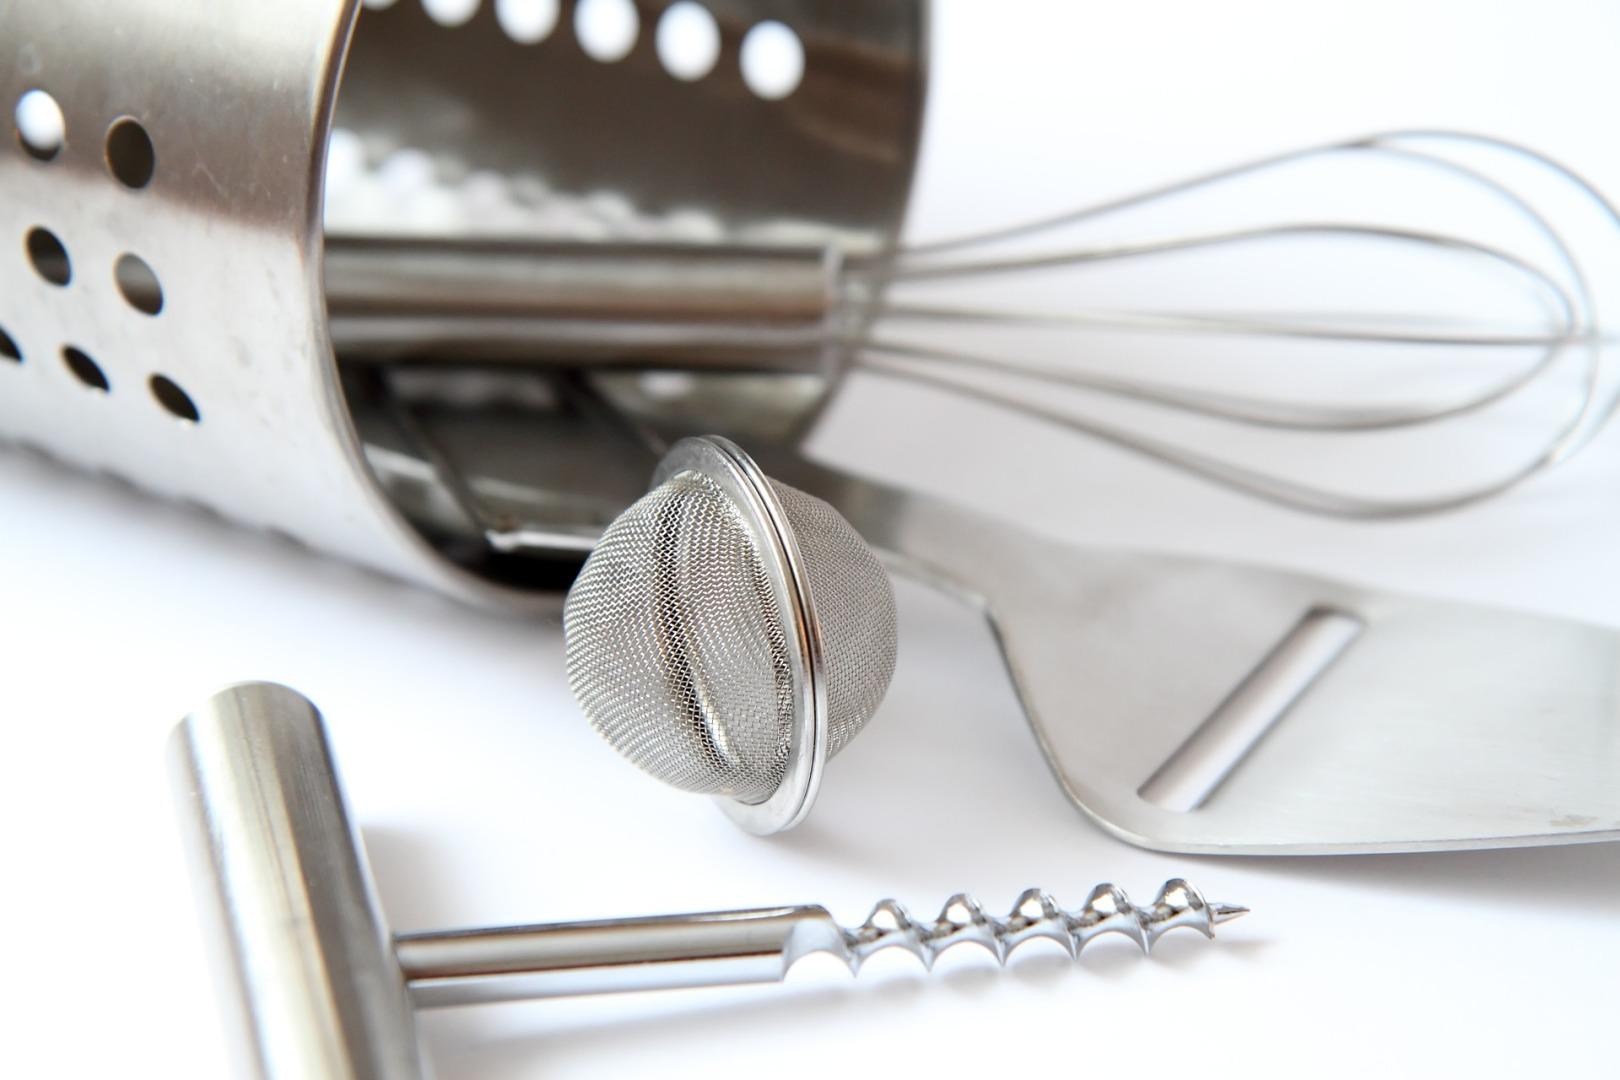 keuken benodigdheden opruimen minimaliseren